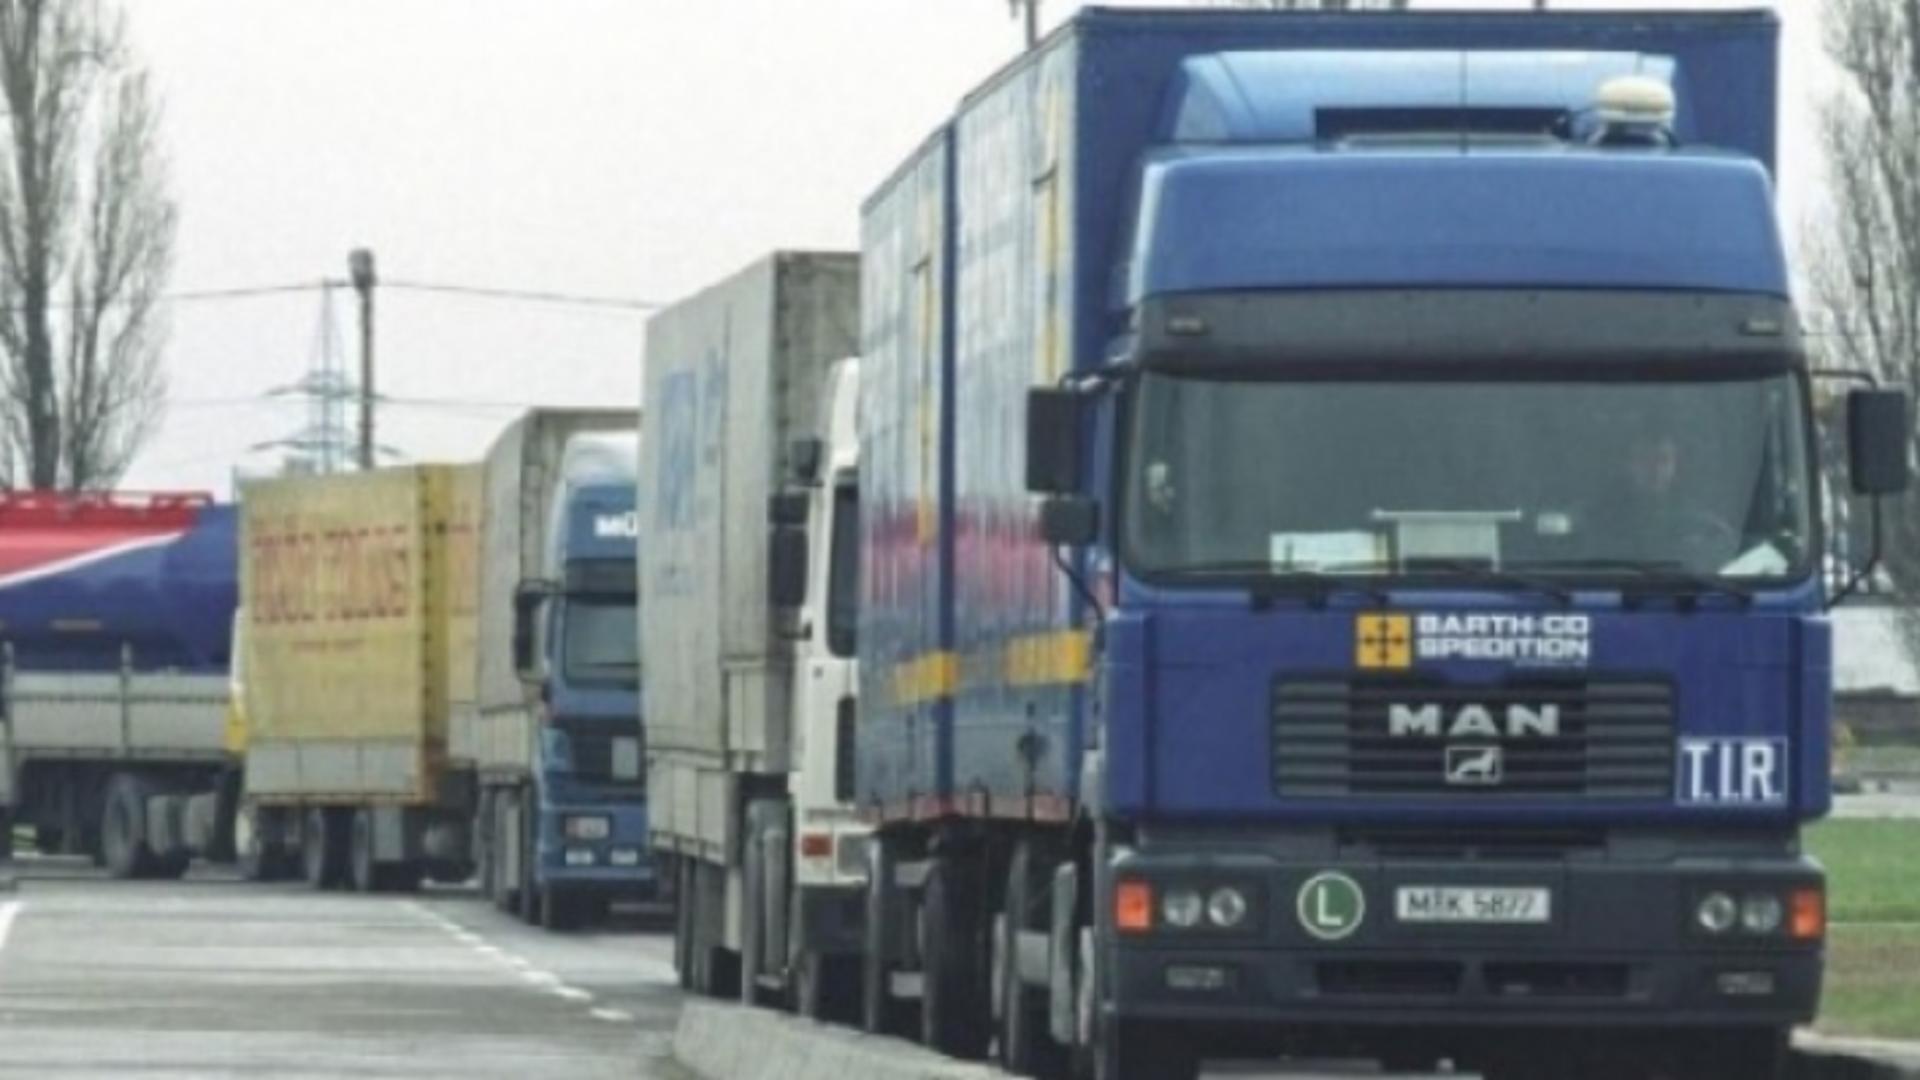 Un șofer român a fost găsit mort în cabina TIR-ului, în Italia / Foto: Arhivă